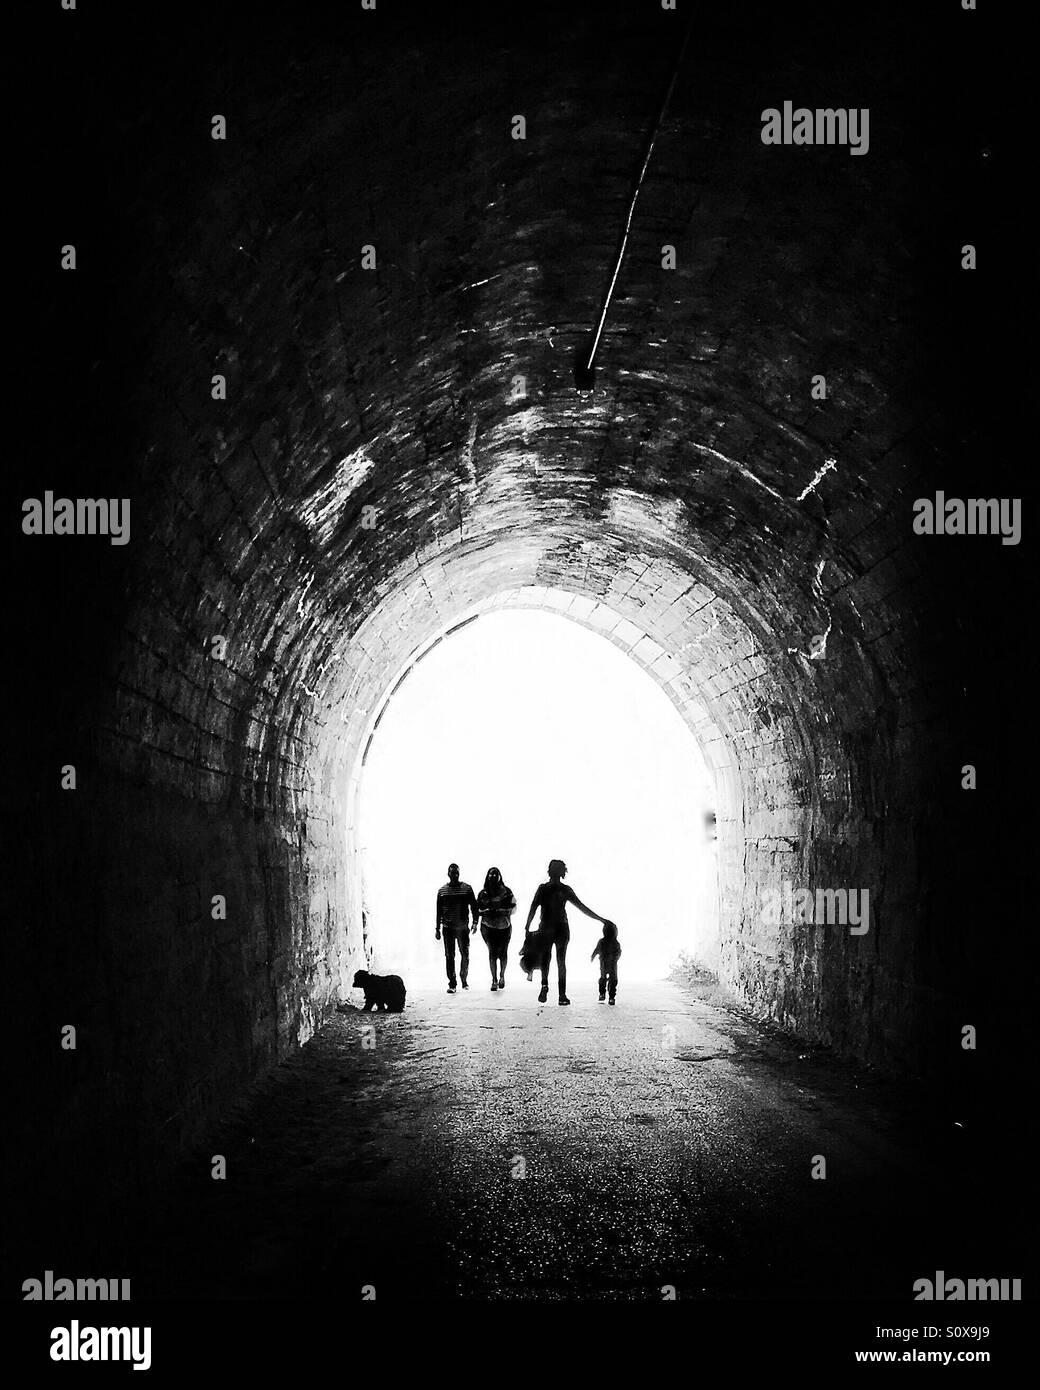 Walking ist der letzte Trend, gesund zu sein, so dass Menschen viel weglaufen das Licht am Ende des Tunnels laufen, Stockfoto